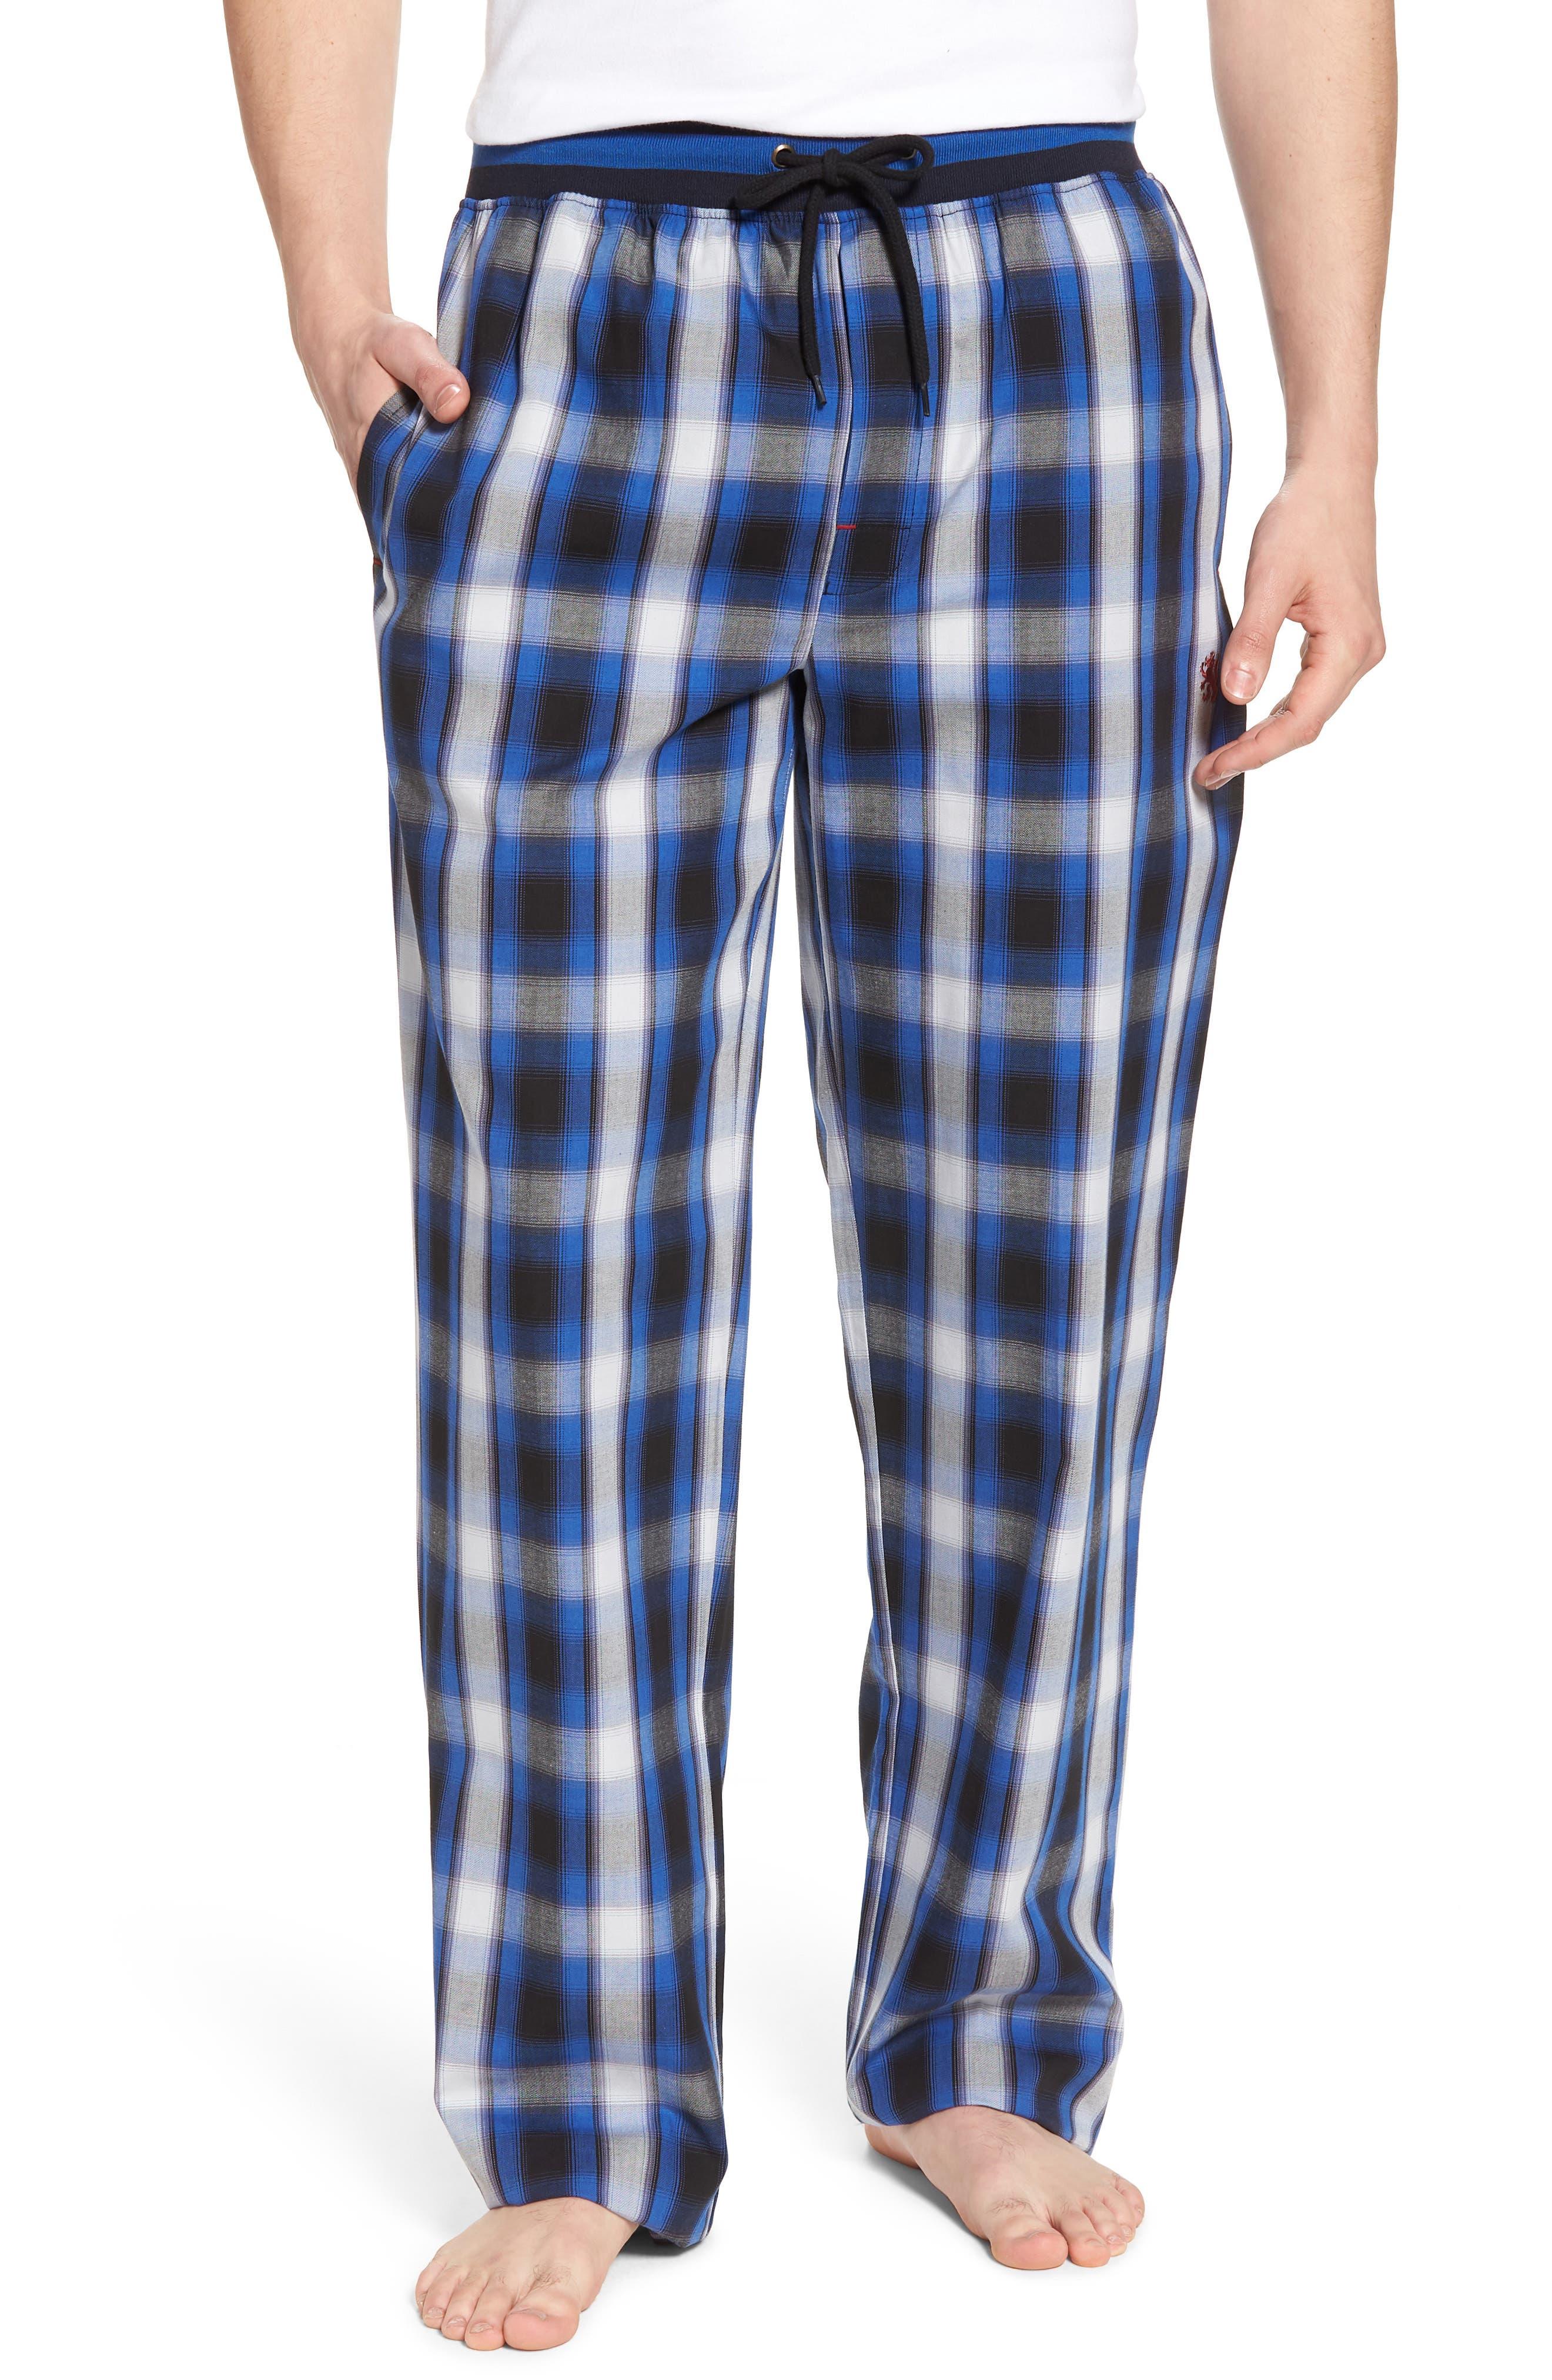 Urbane Lounge Pants,                             Main thumbnail 1, color,                             Presidio Black